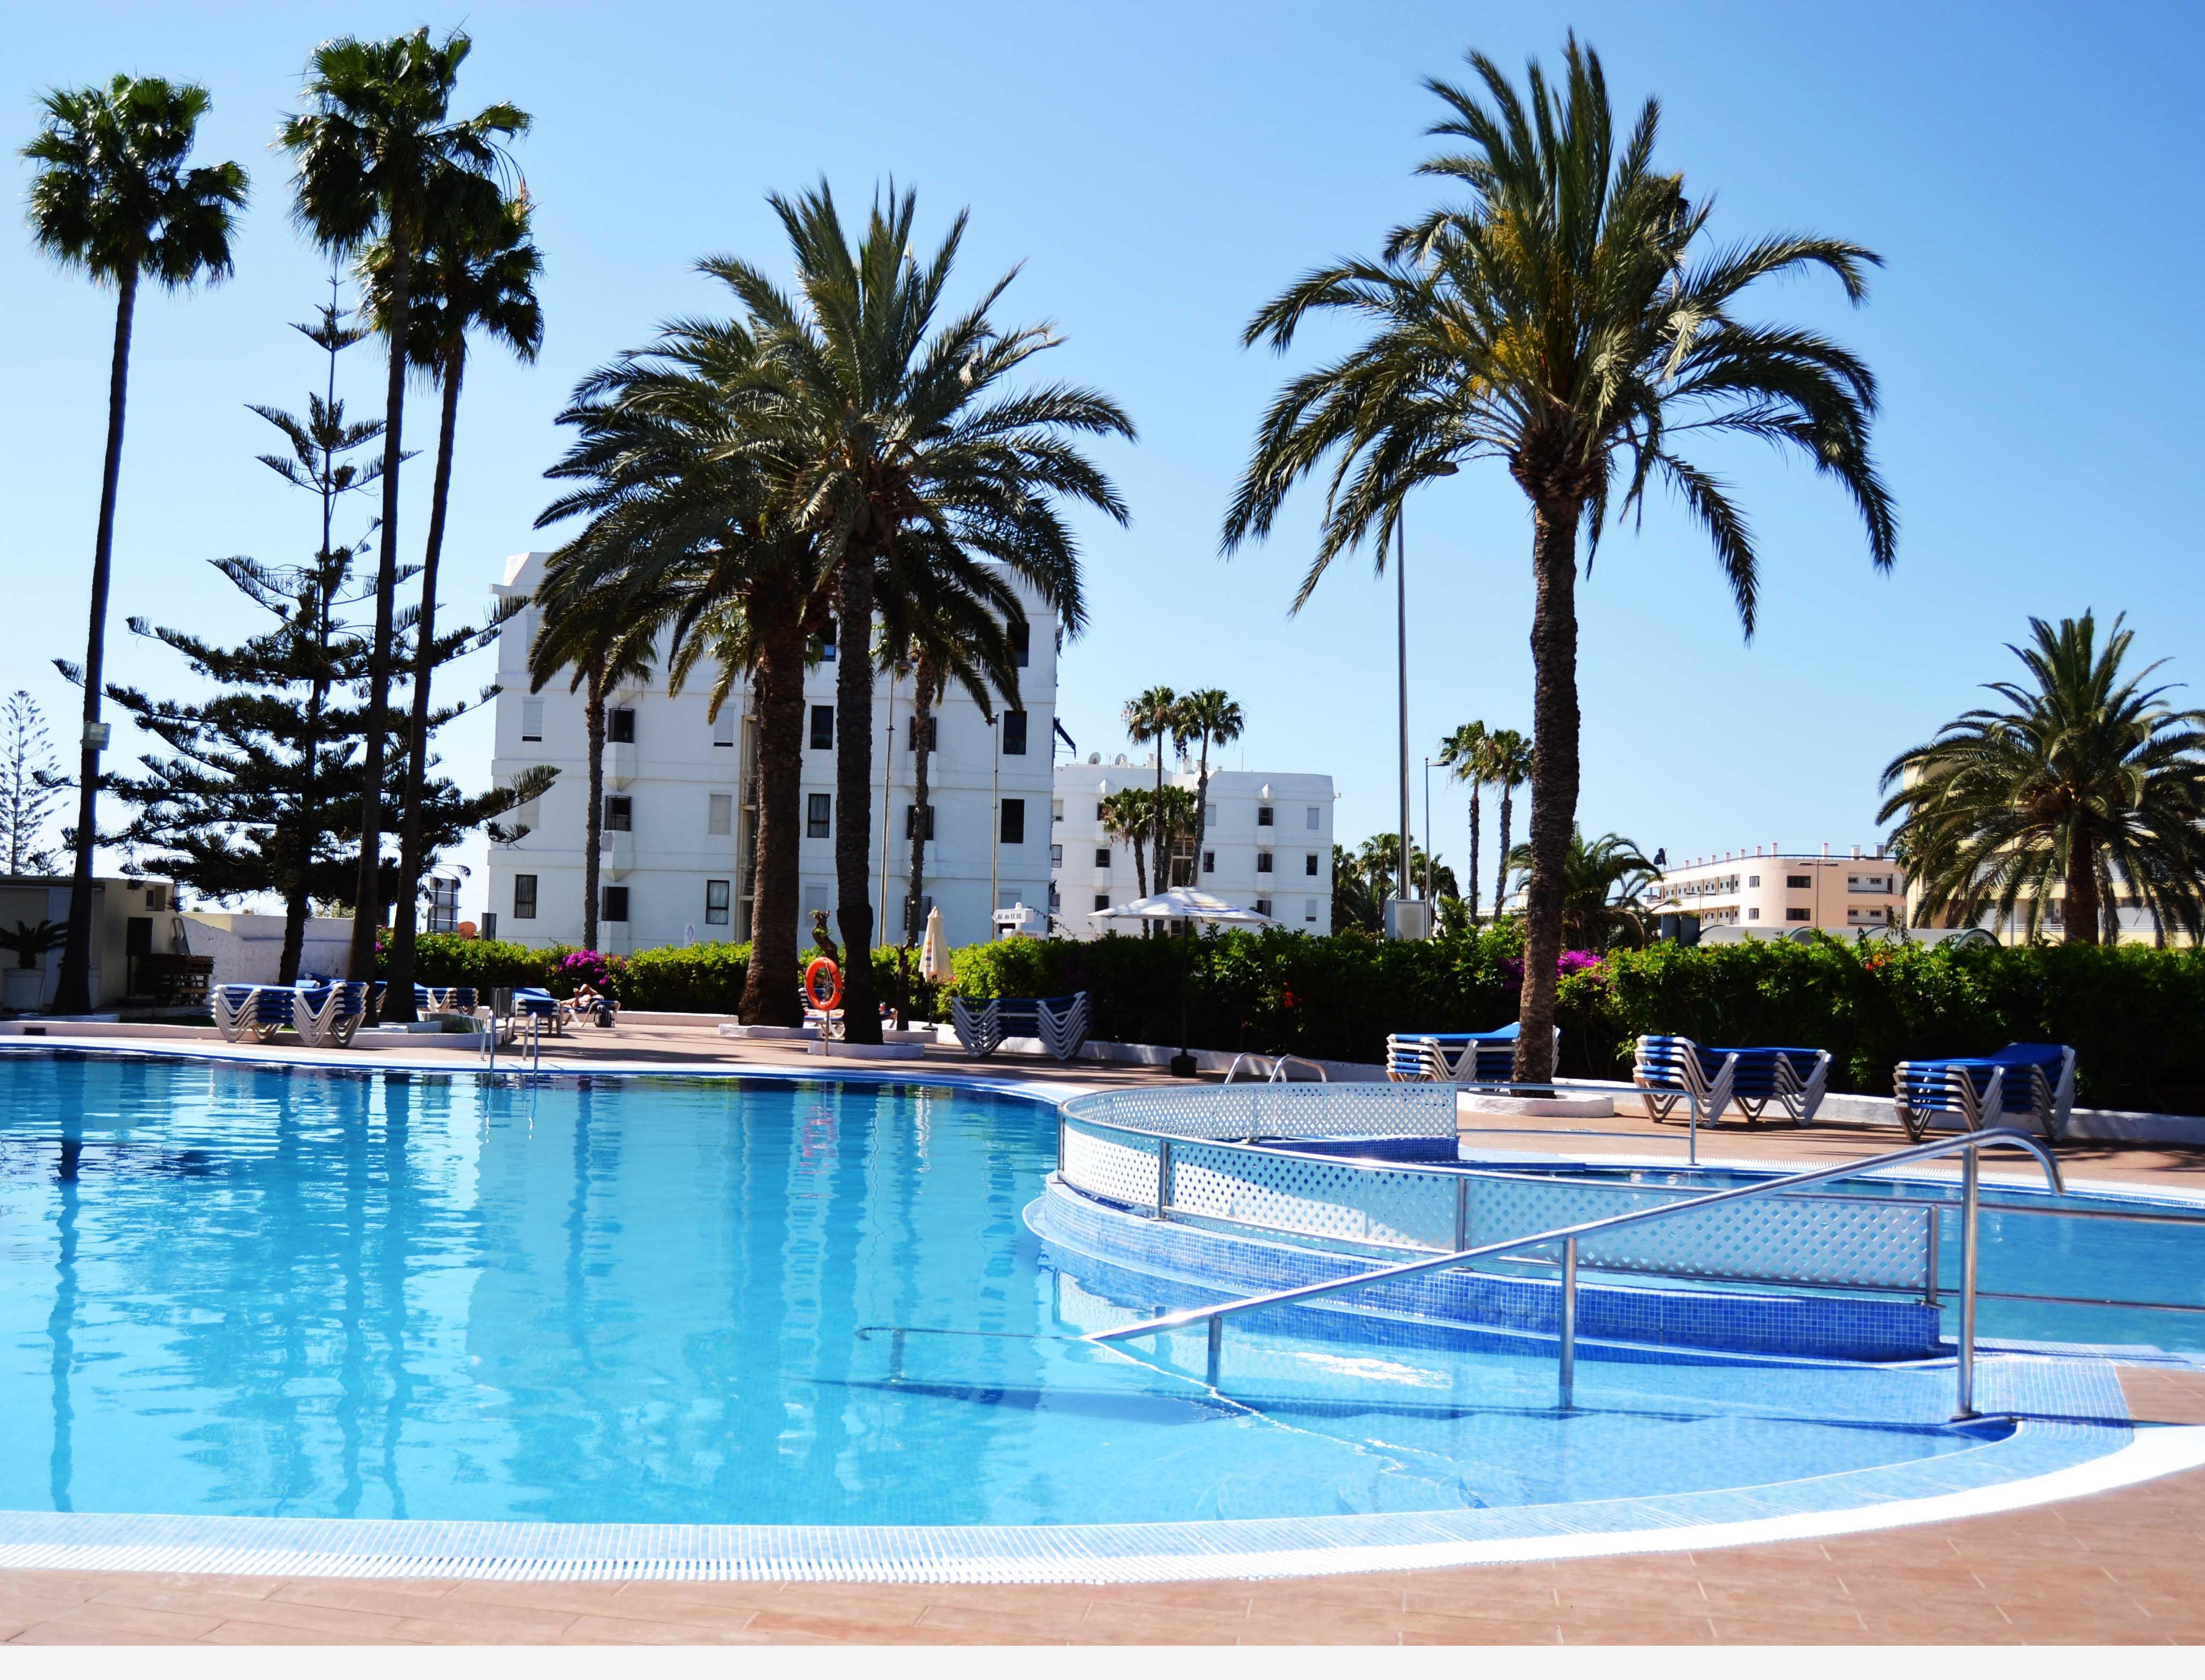 Fotos hotel playa del sol web oficial for Piscina playa del ingles